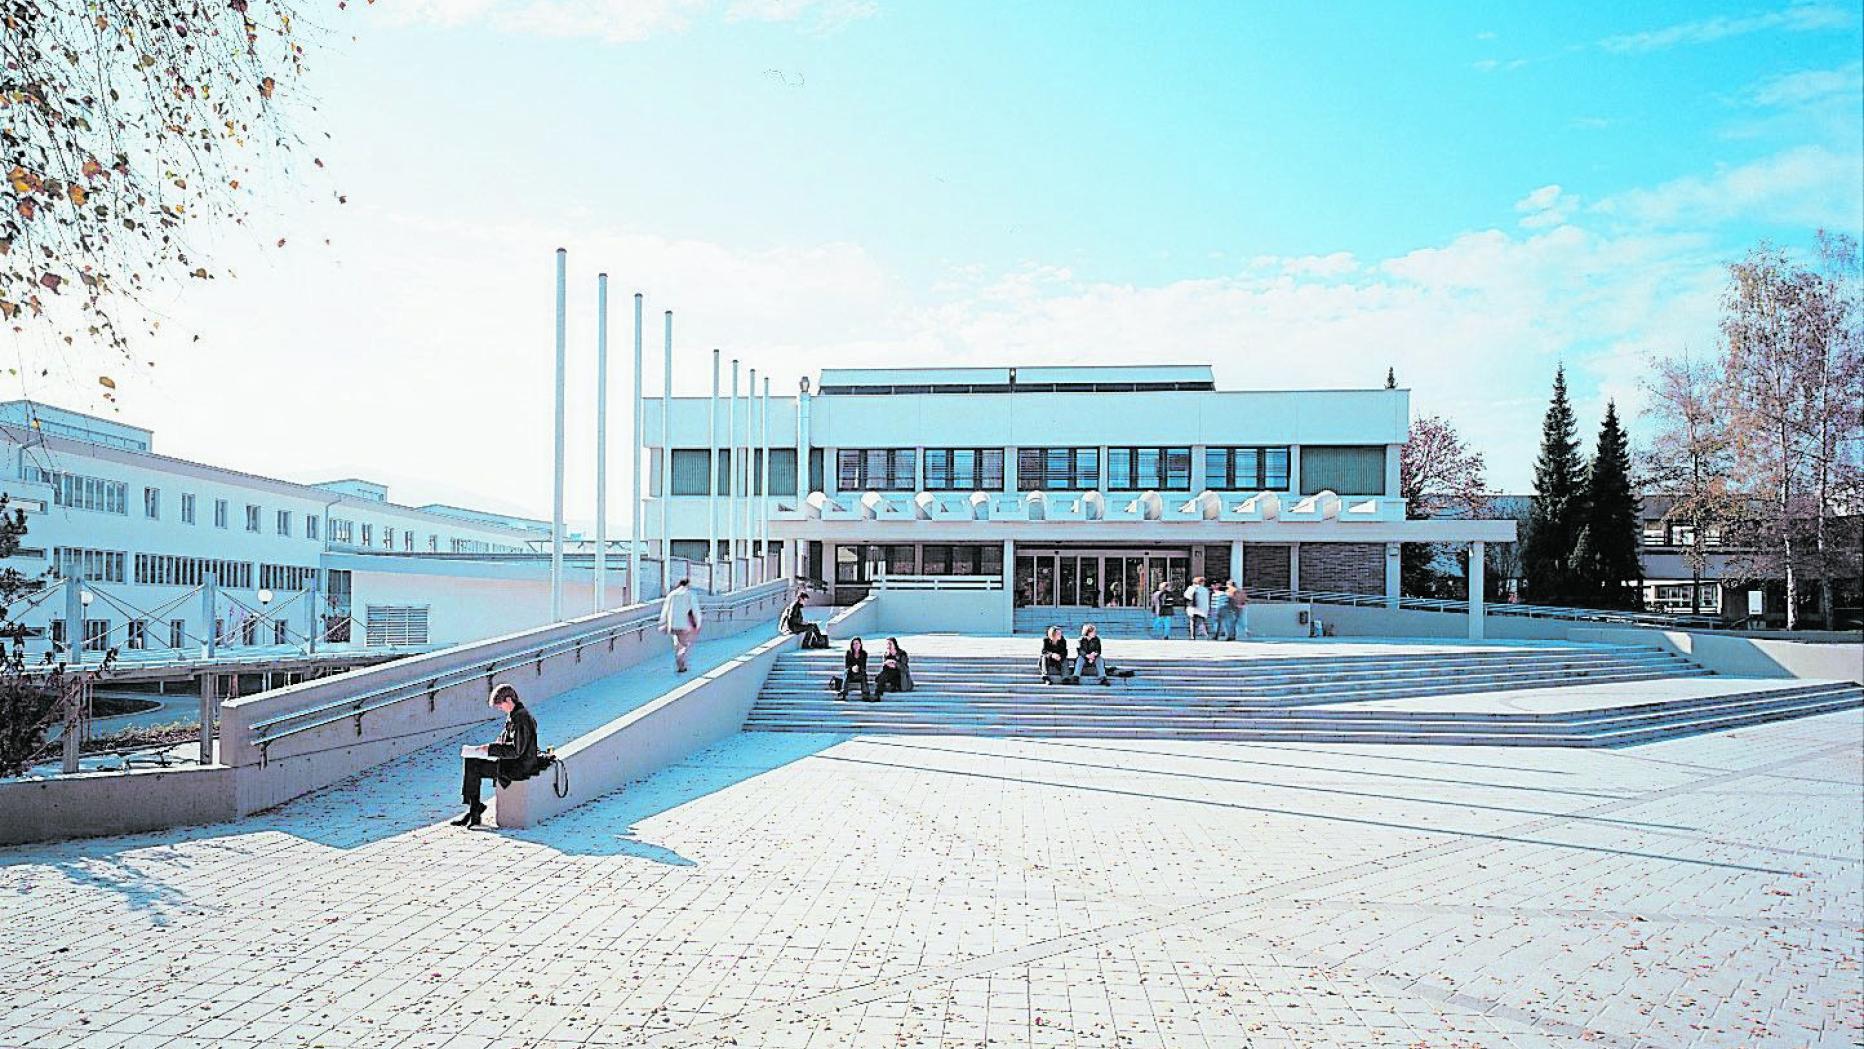 Partnersuche senioren aus grafendorf bei hartberg: Absdorf